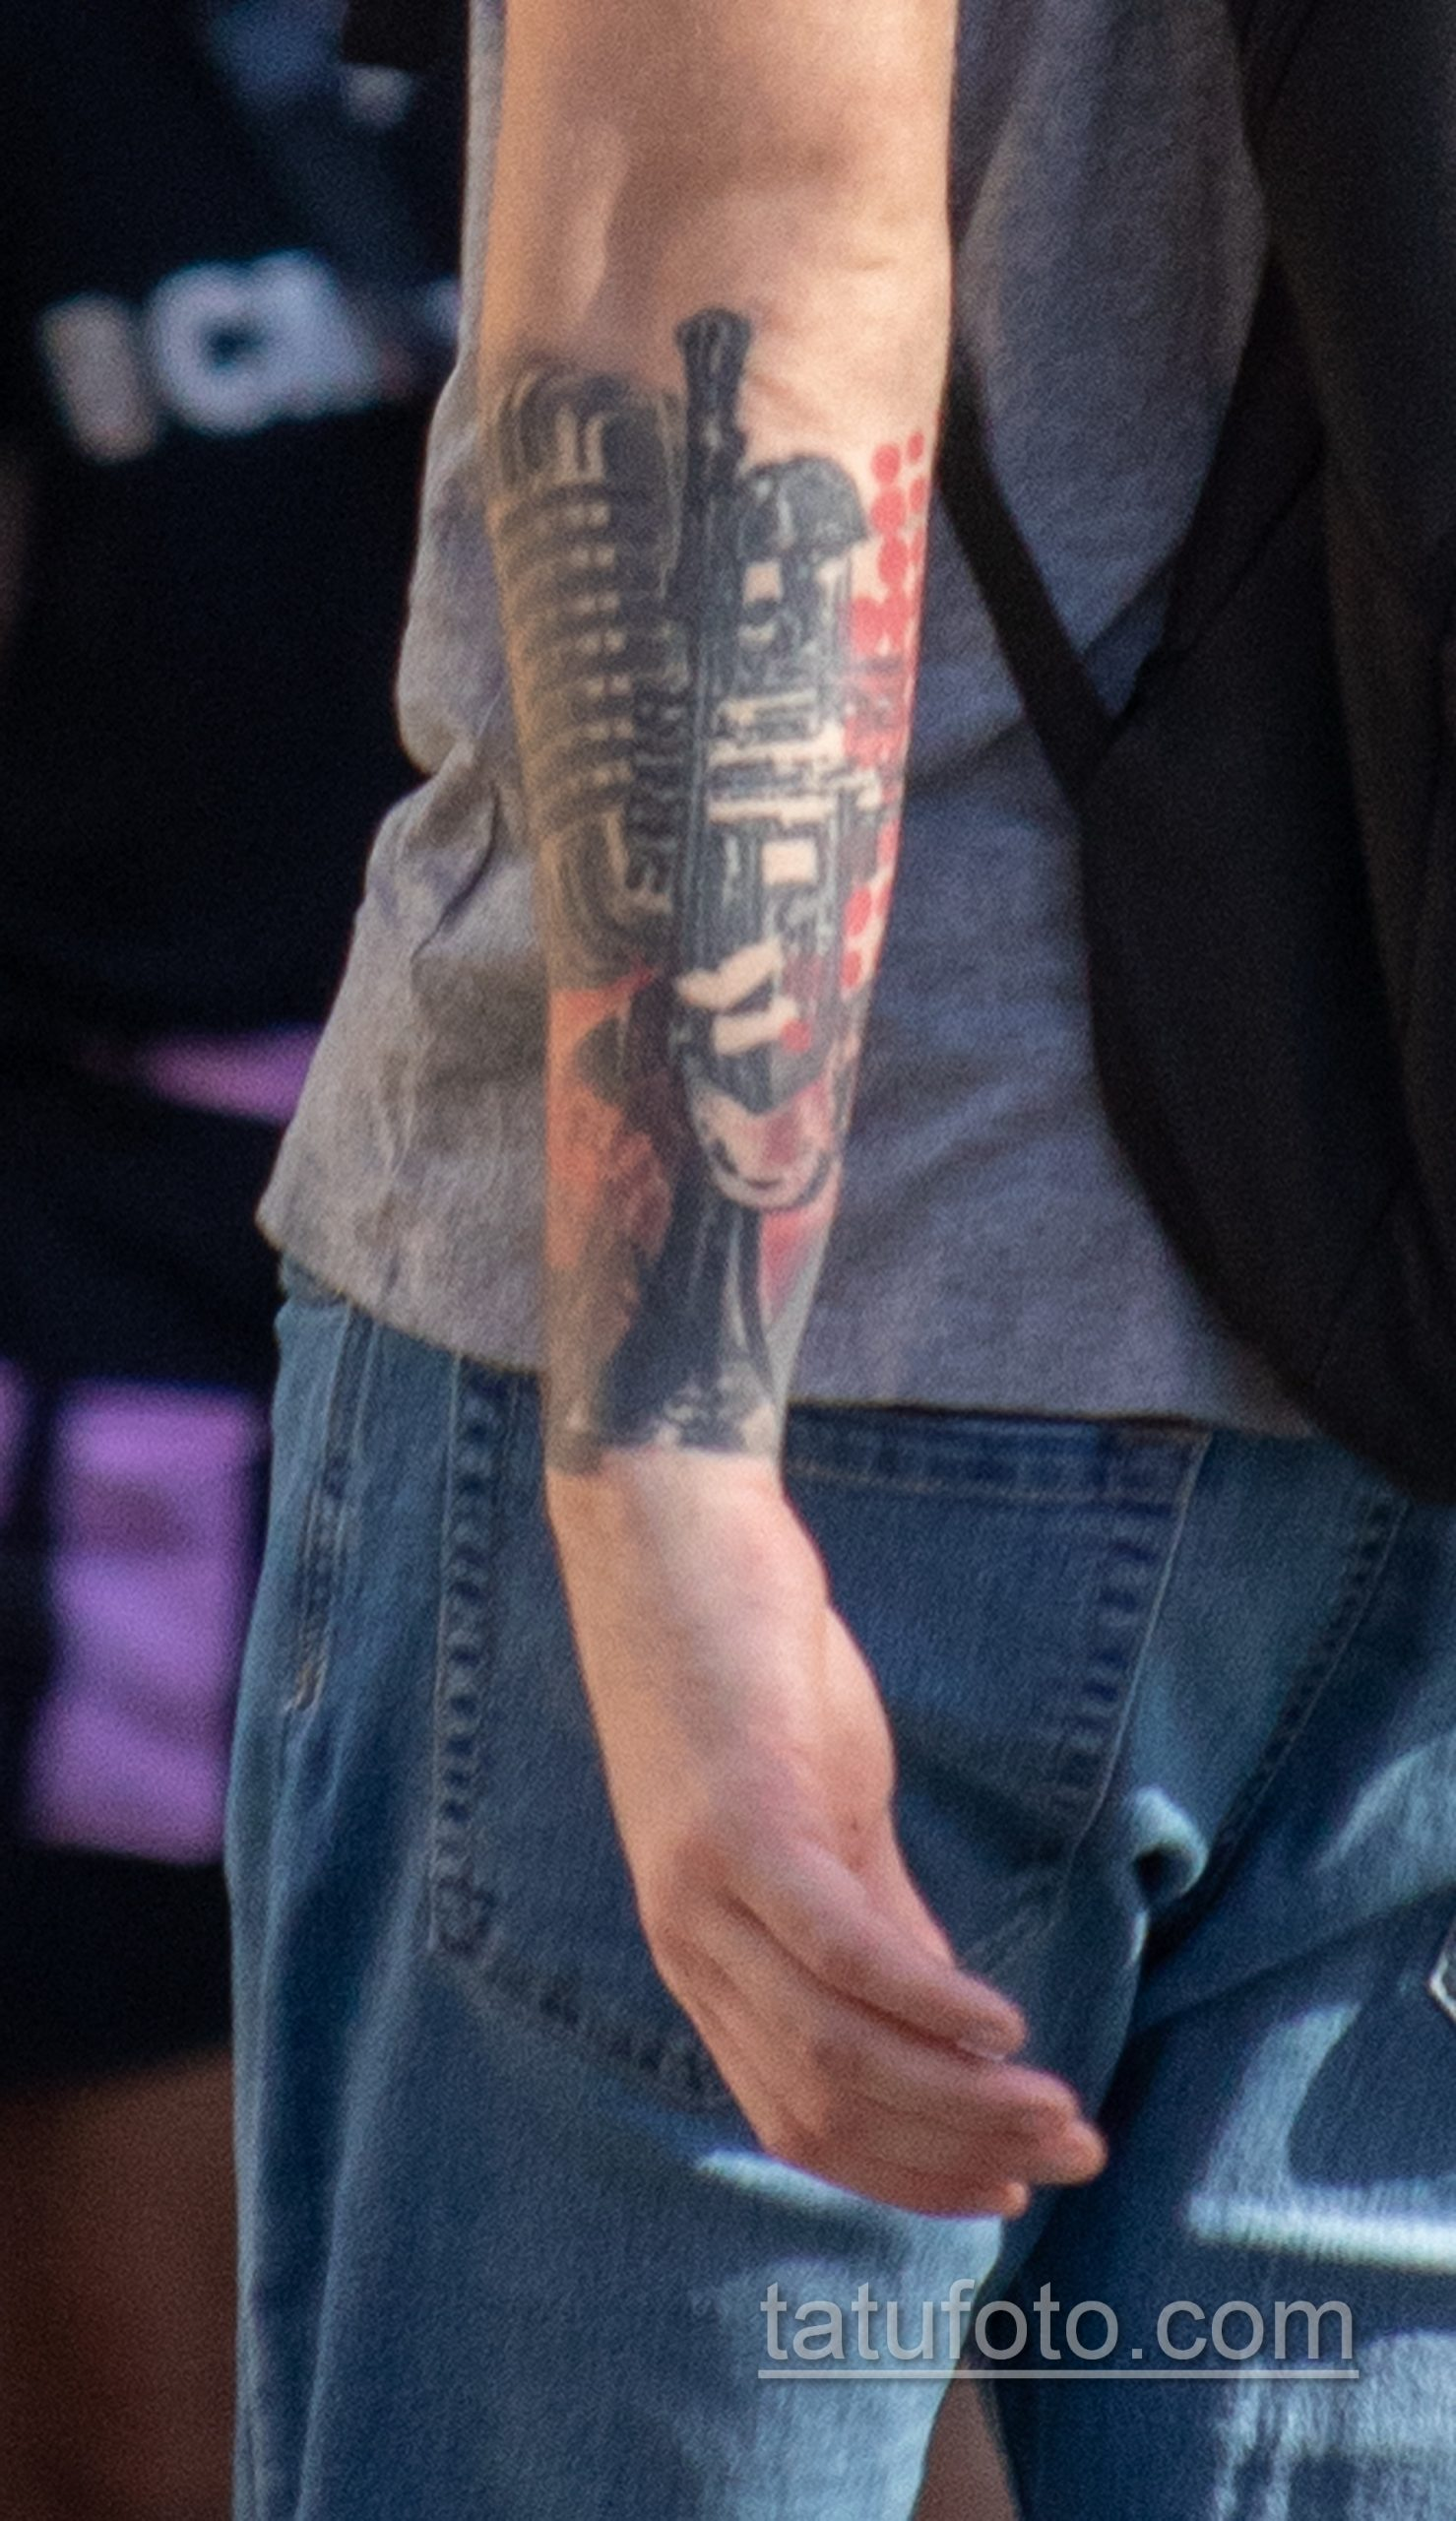 Черно-красная музыкальная тату с трубой и микрофоном на правой руке парня - Уличная татуировка 14.09.2020 – tatufoto.com 4